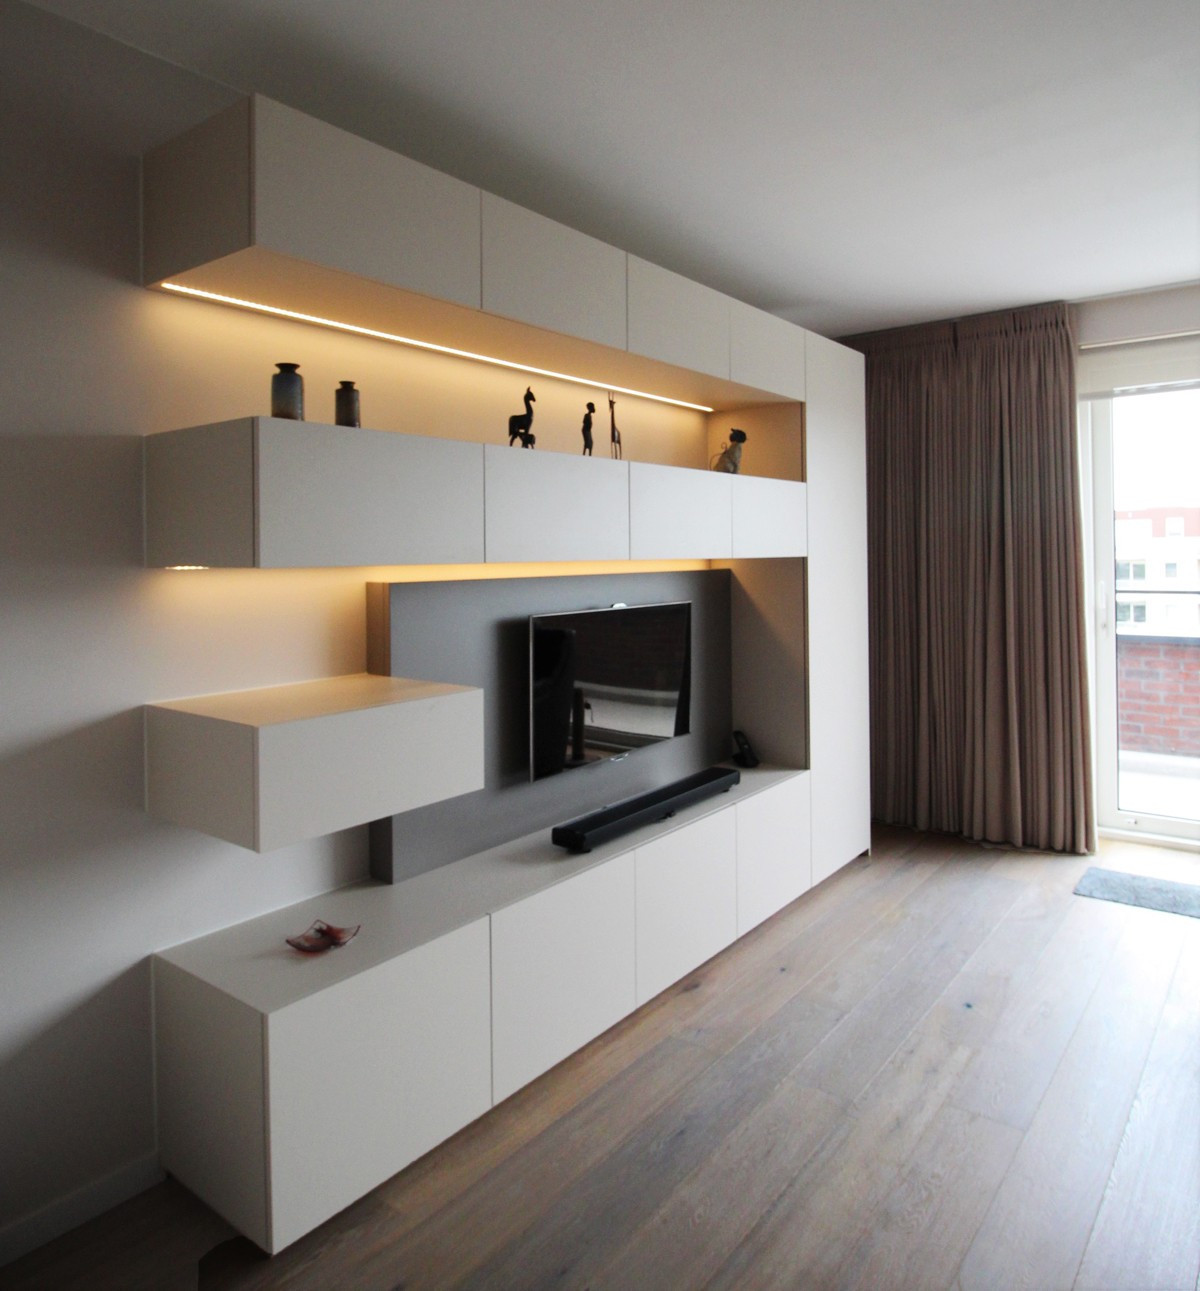 Tv meubel slaapkamer beste inspiratie voor huis ontwerp - Slaapkamer meubels ...